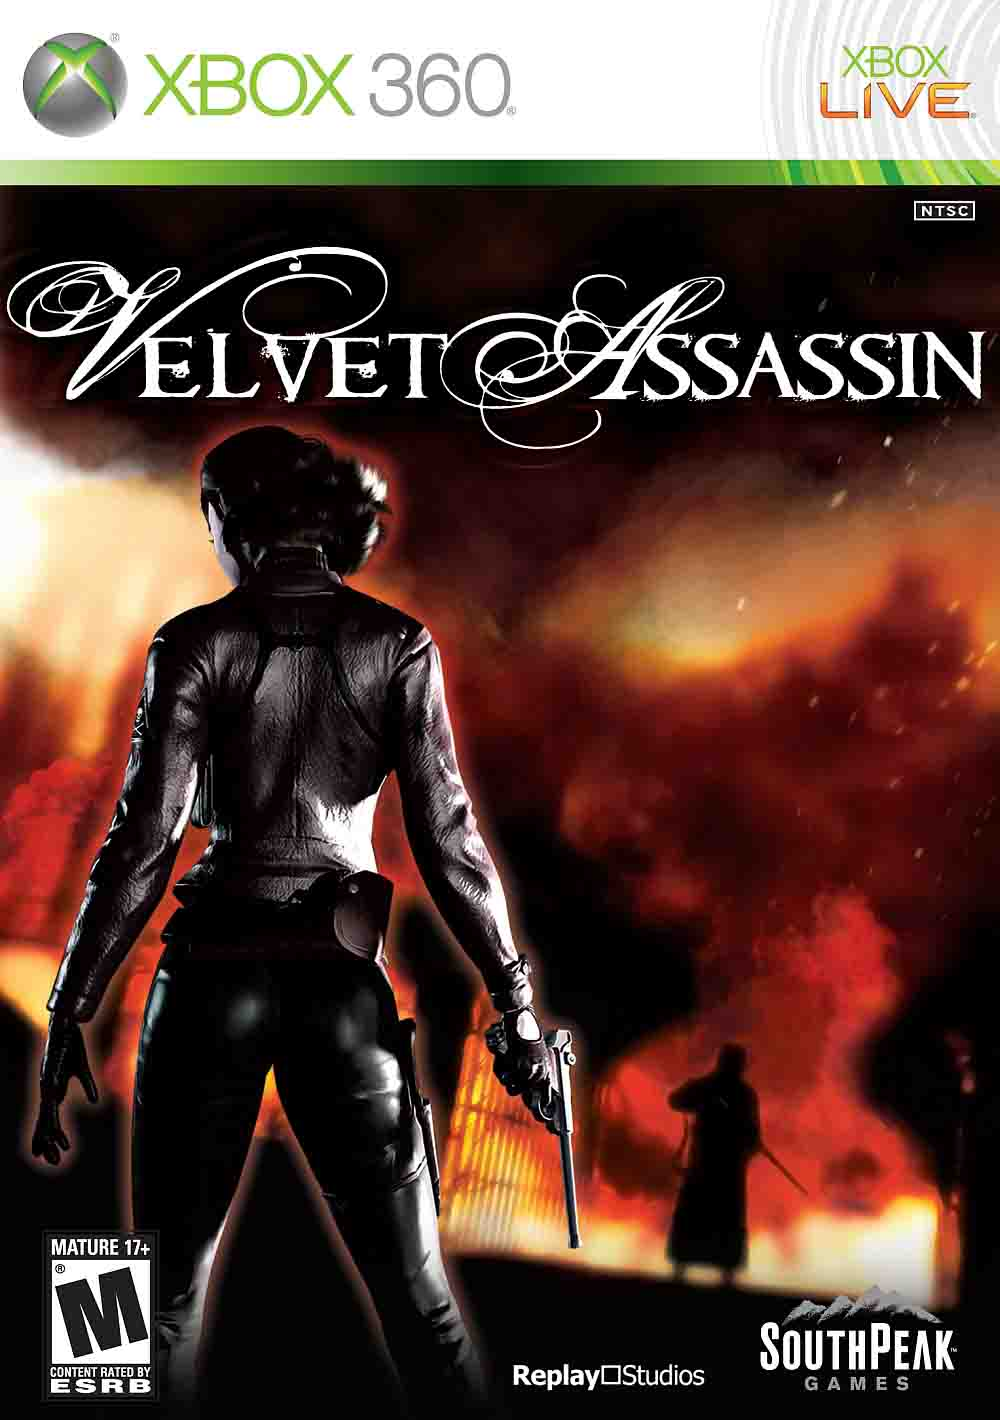 Velvet Assassin Legendado PT-BR (JTAG/RGH) Xbox 360 Torrent